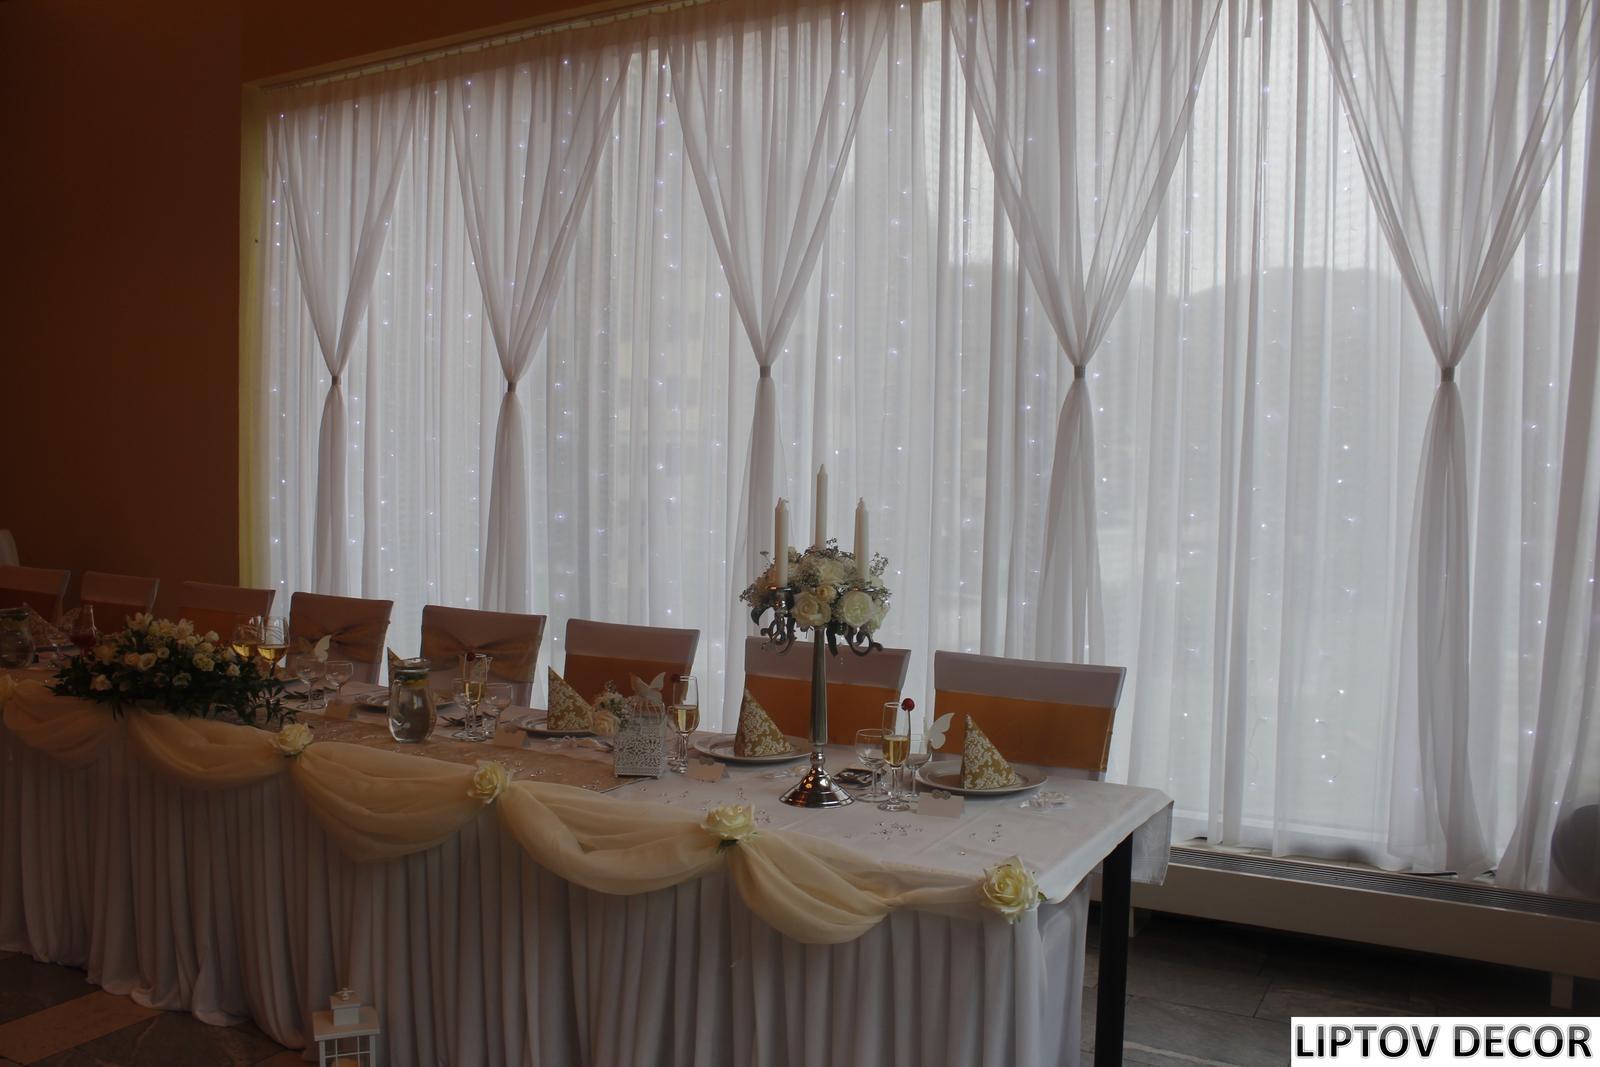 Svadobná výzdoba - HOTEL HRABOVO RUŽOMBEROK - Obrázok č. 12